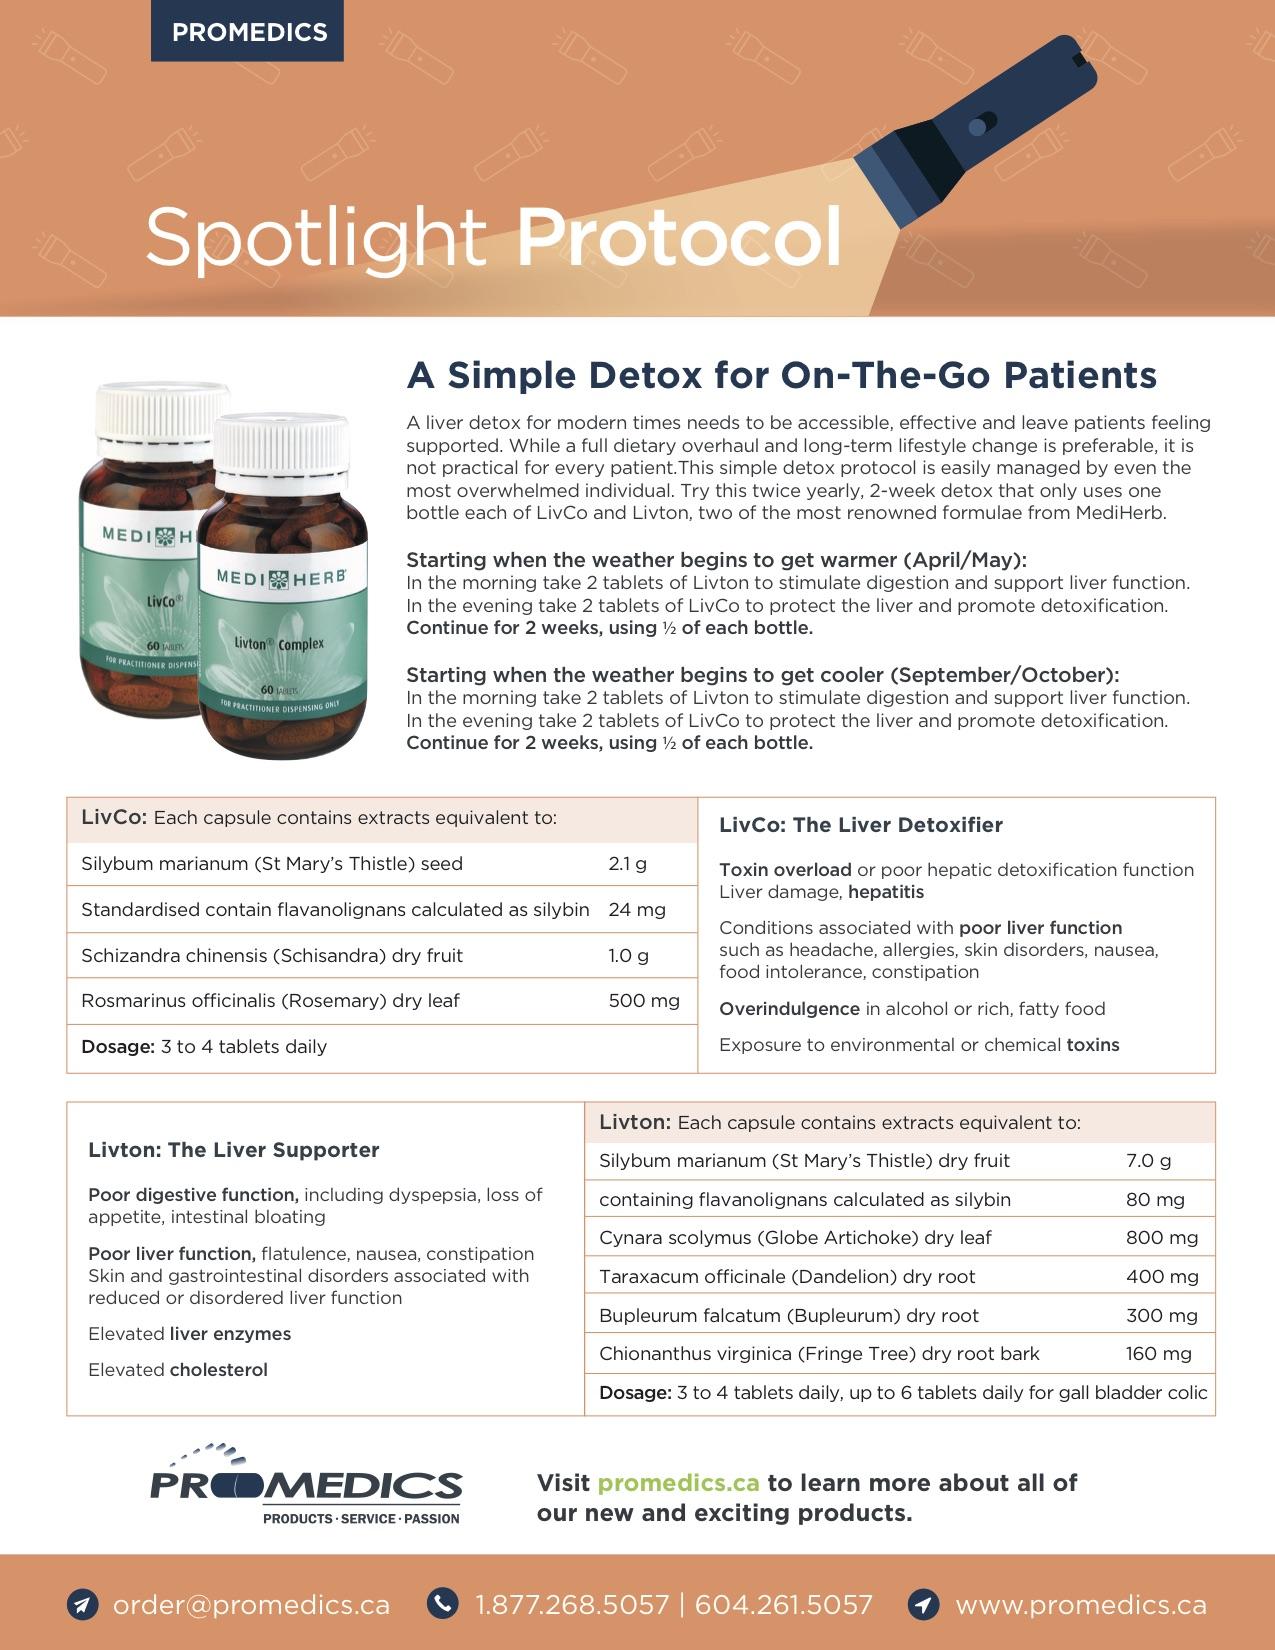 Spotlight Protocol - Detox